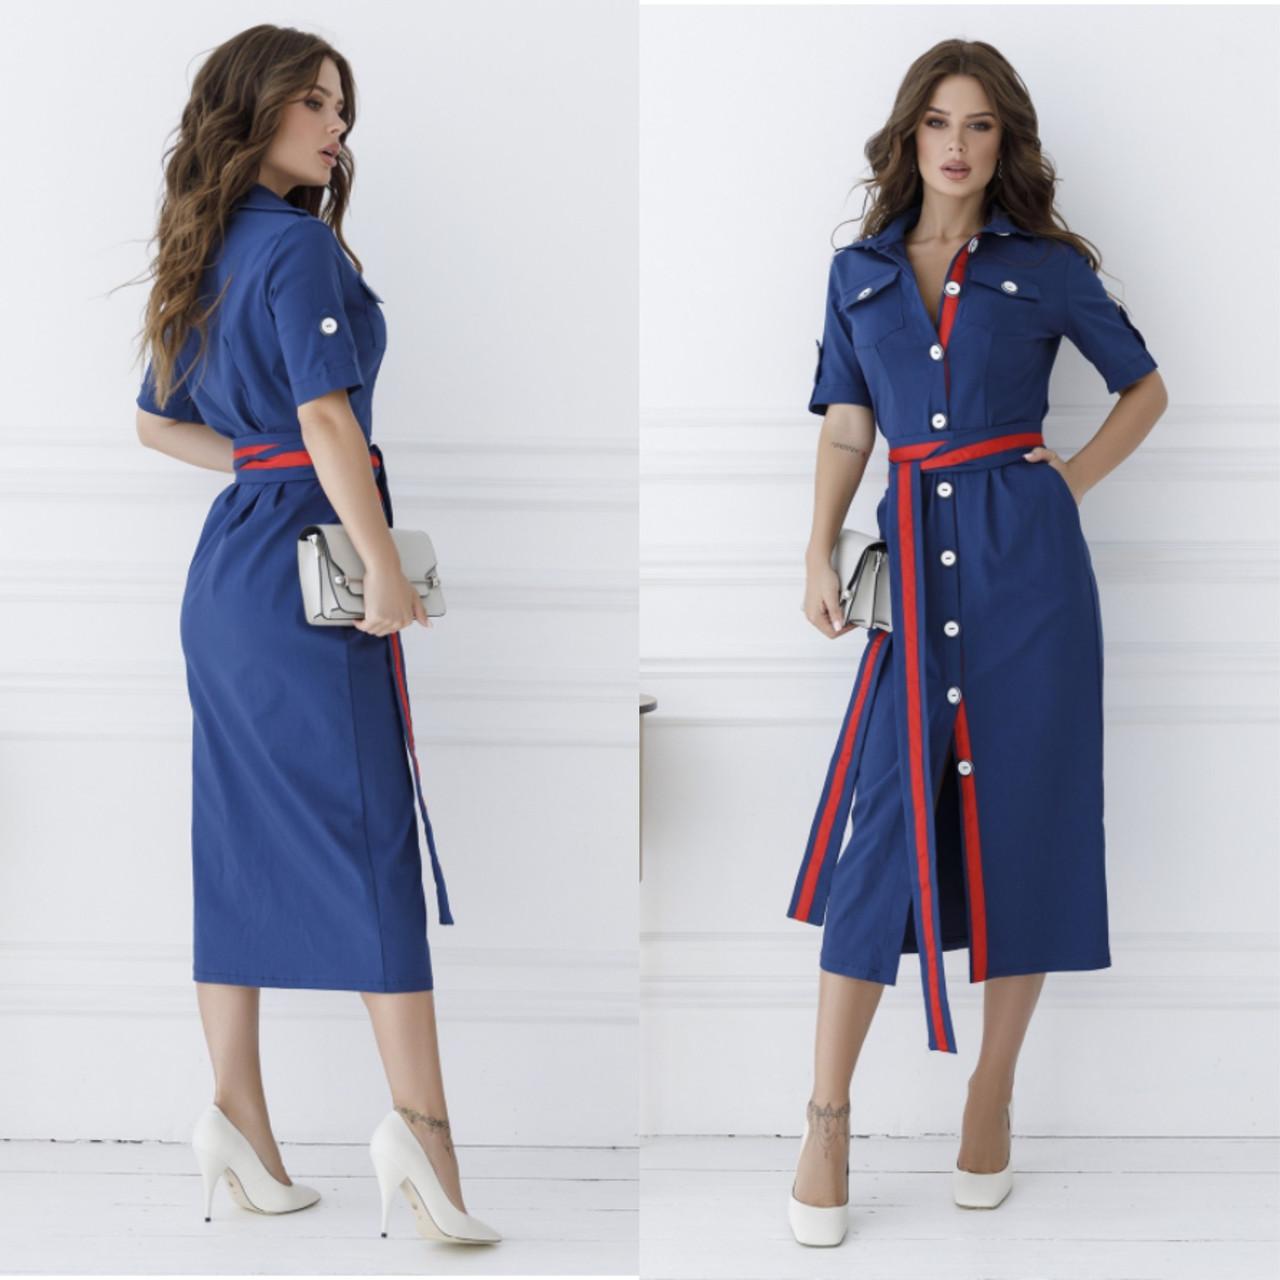 Облегающее платье из джинс-котона 35-344